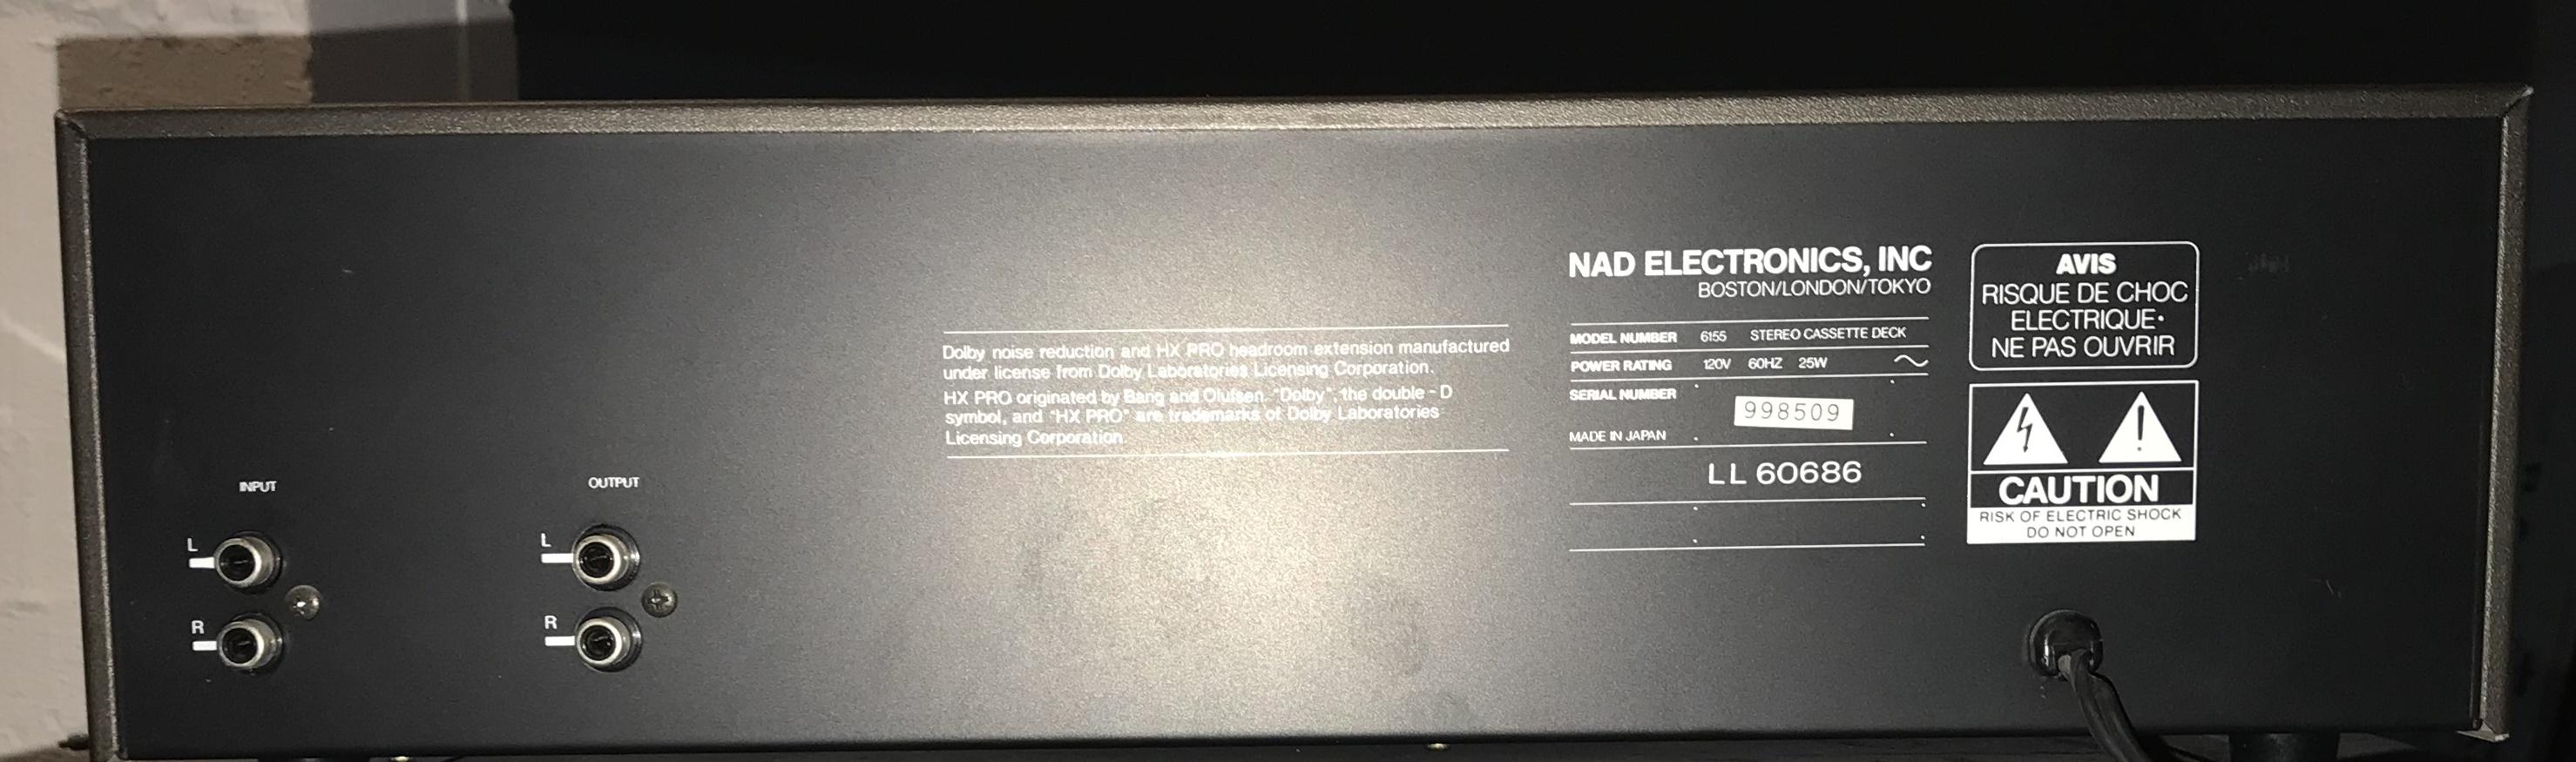 NAD_Cassette_6155_Back.jpg